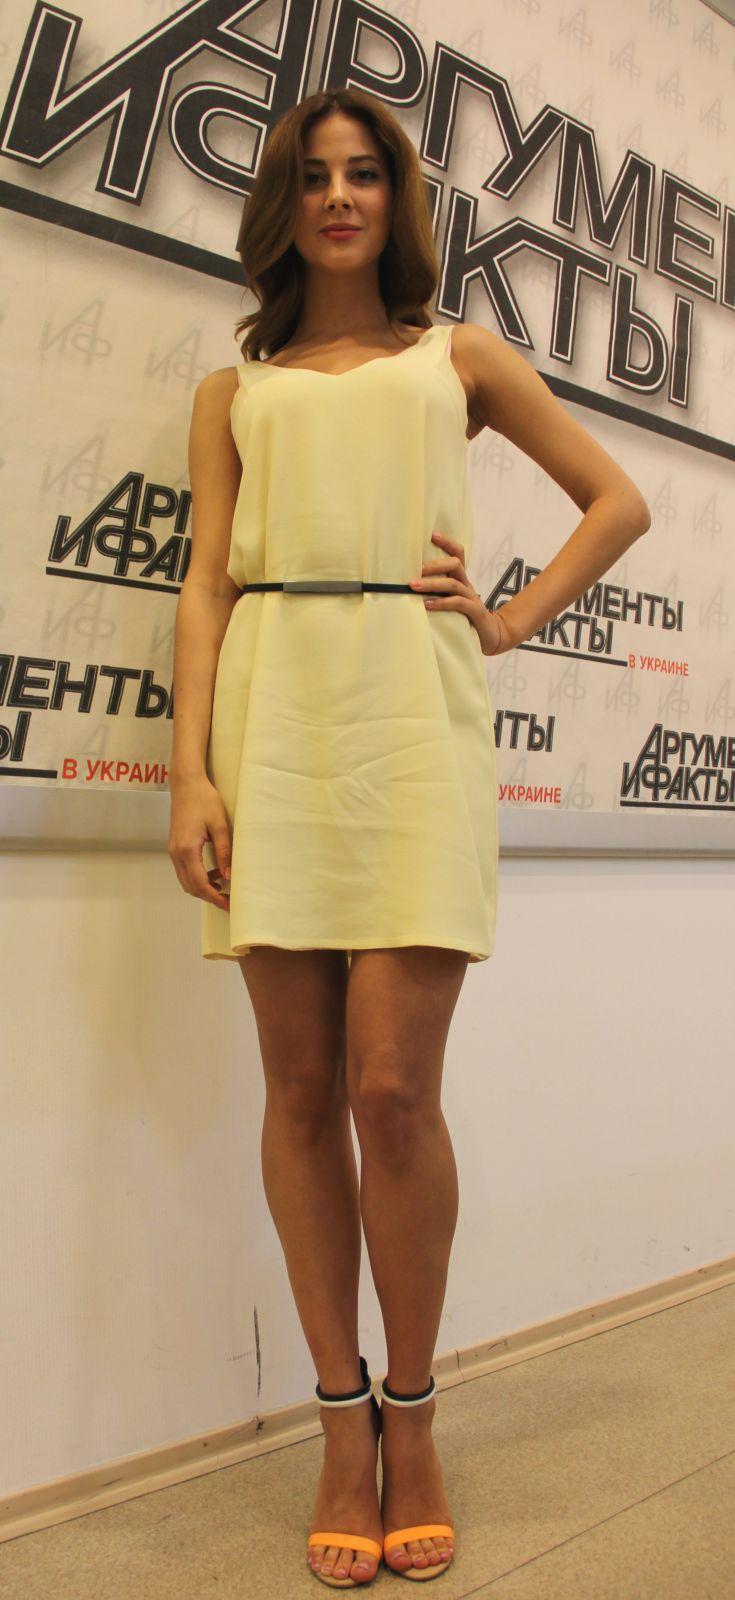 Анастасия Кожевникова